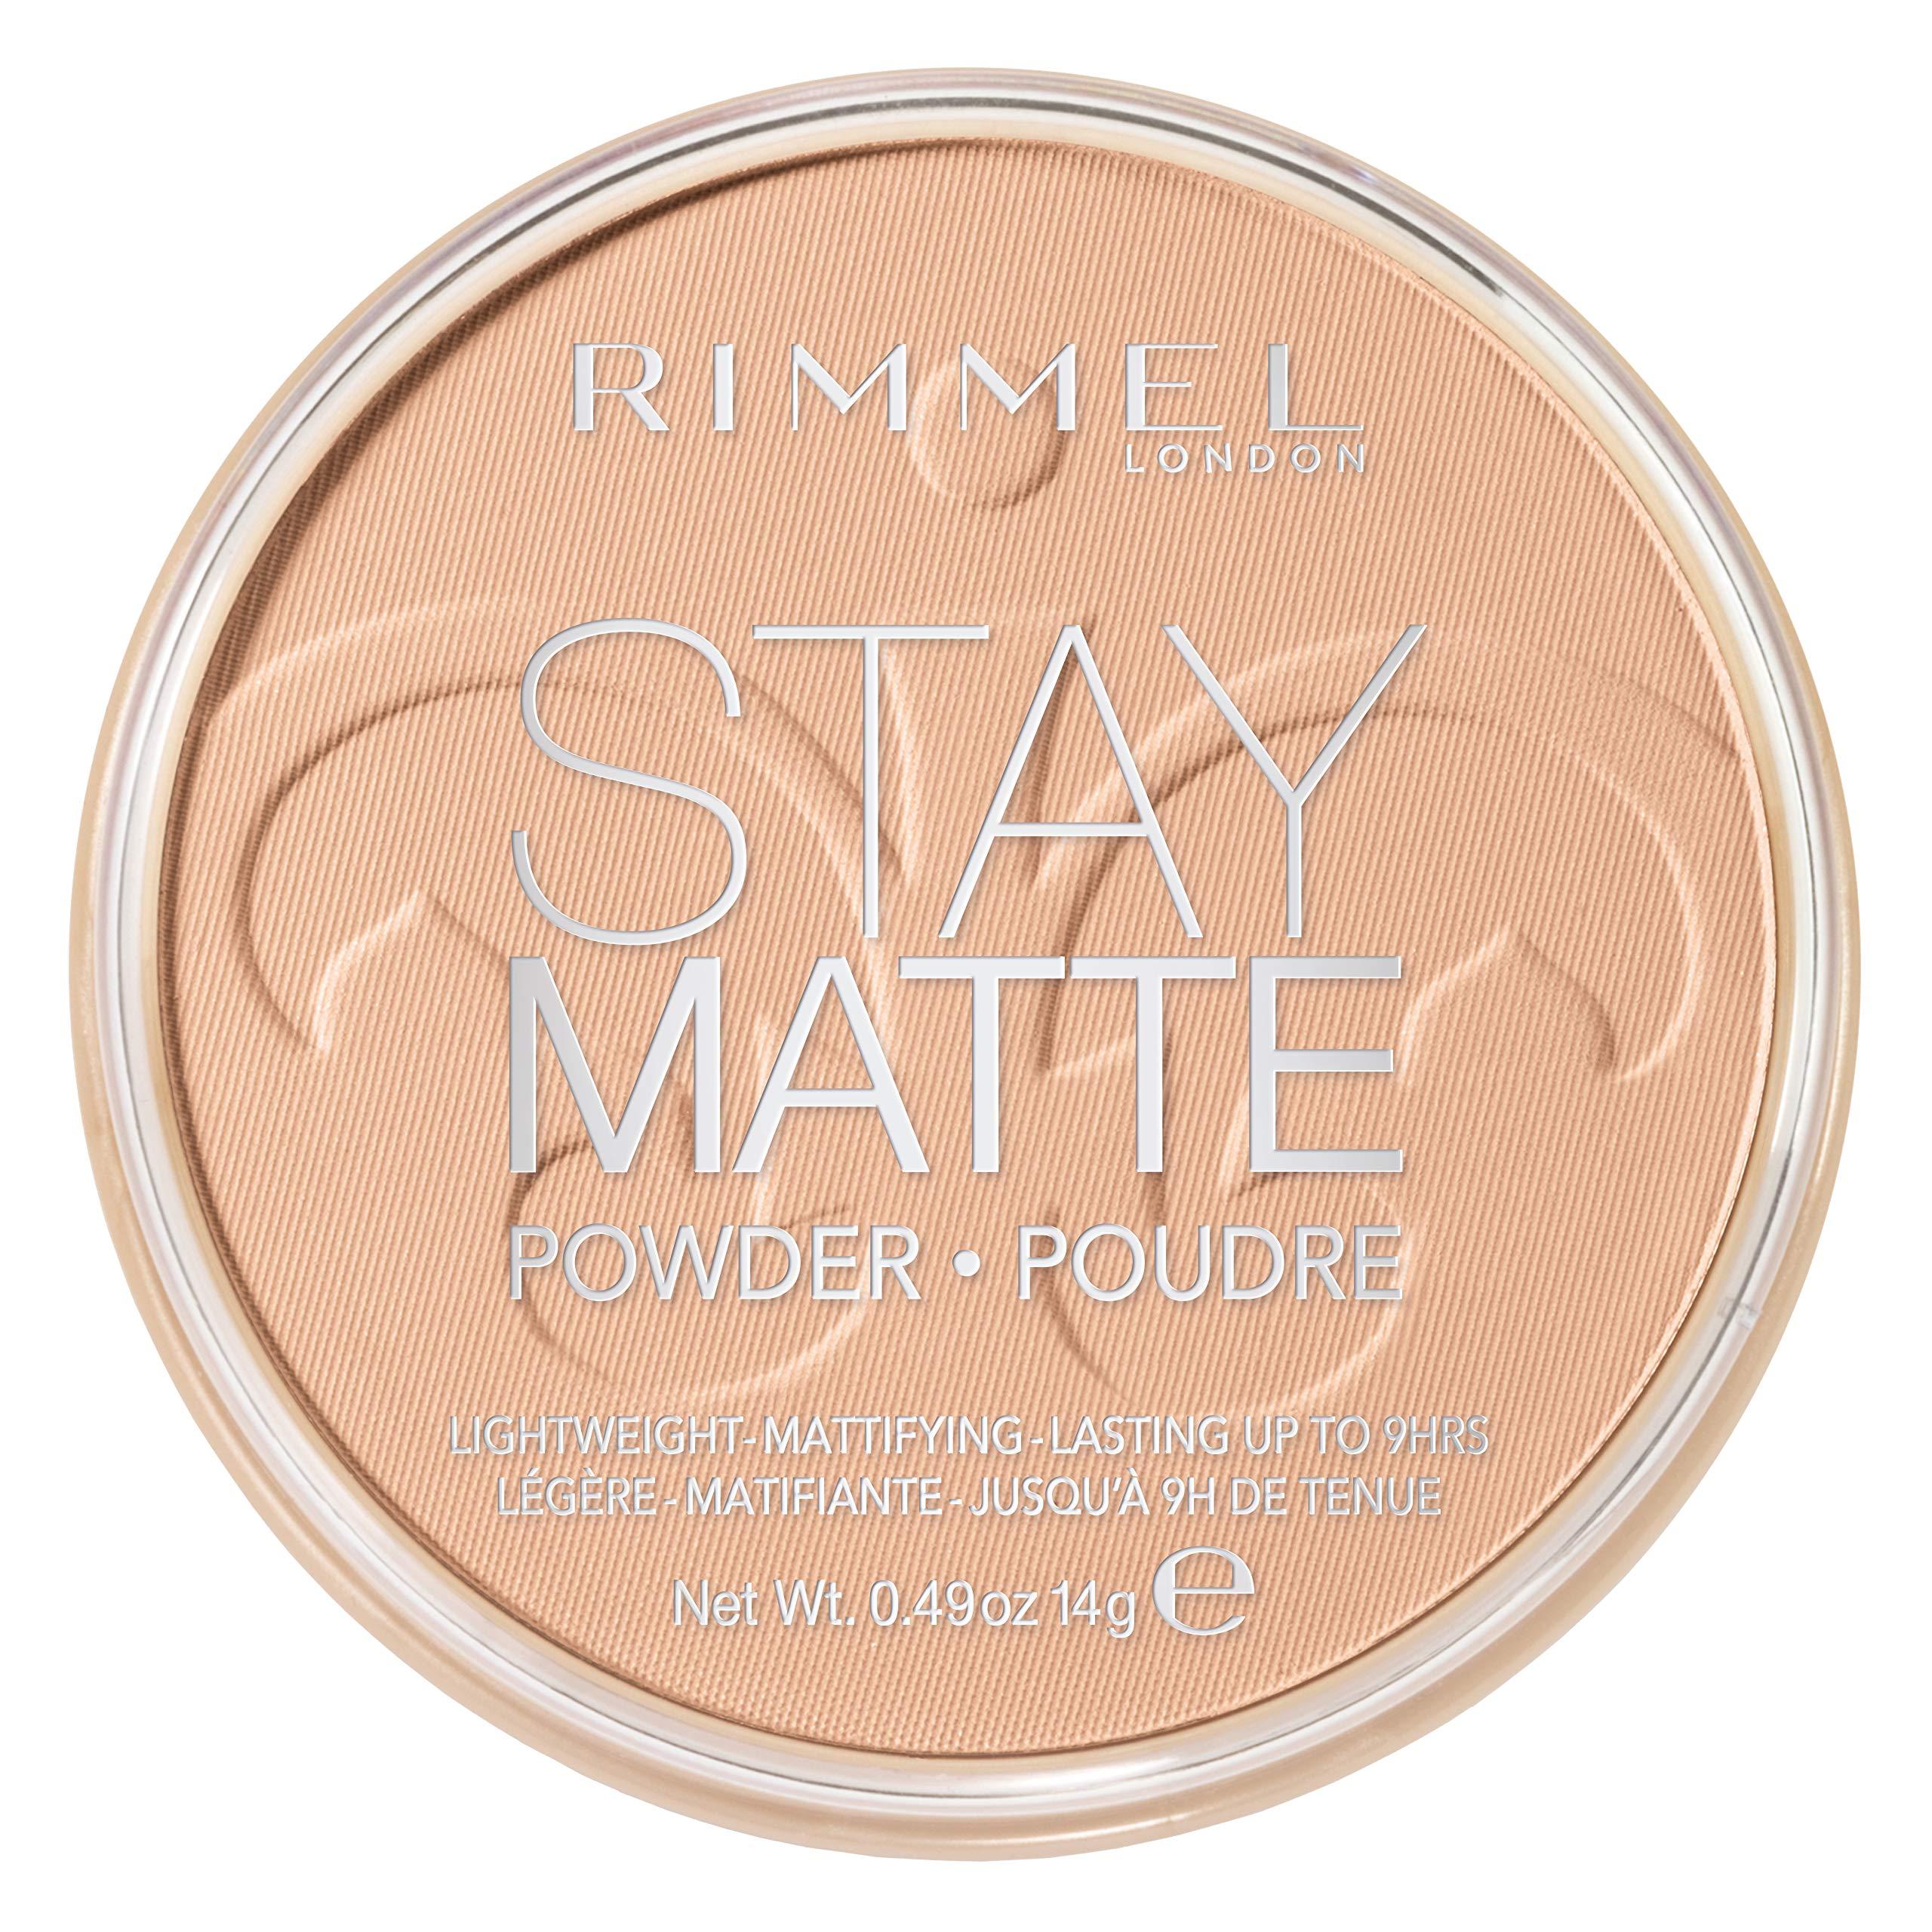 Rimmel Stay Matte Pressed Powder, Silky Beige, 0.49 Fluid Ounce